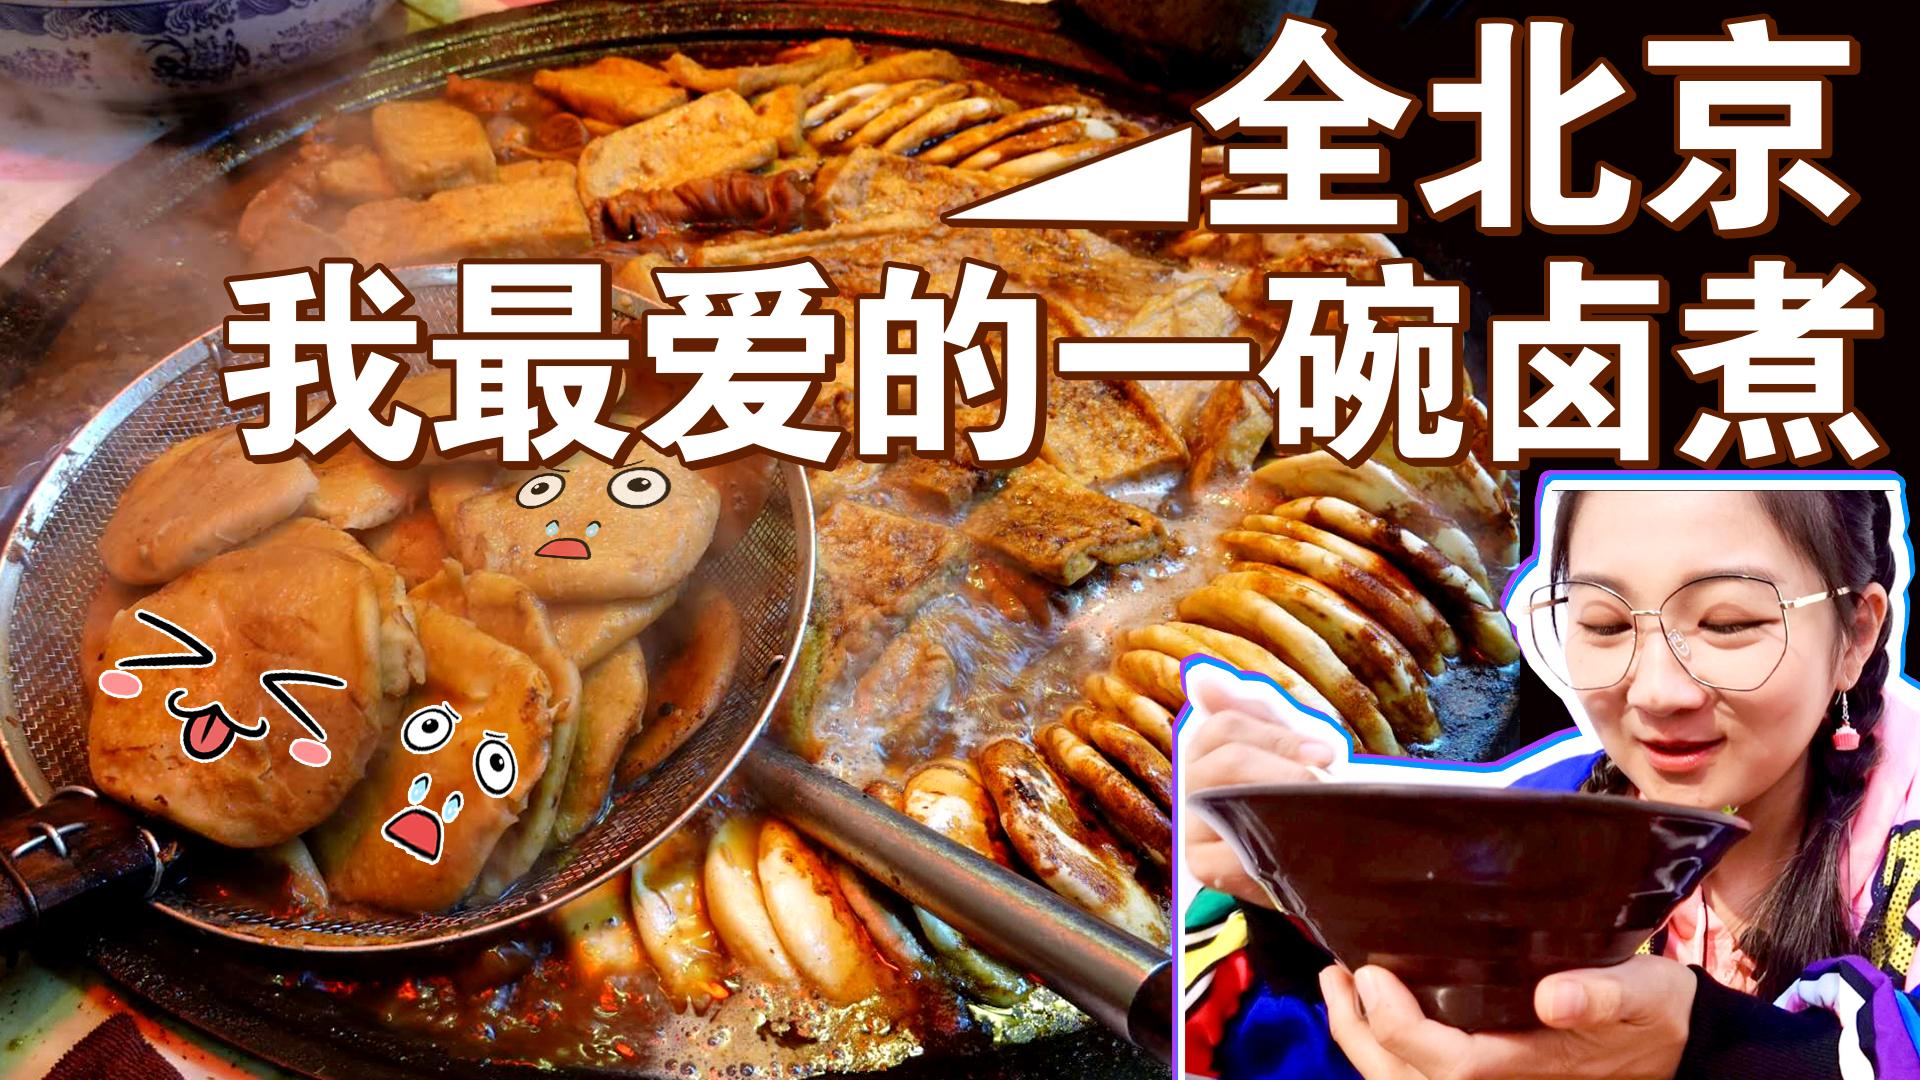 【逛吃北京】全北京我最爱的卤煮火烧,六叔这碗最地道!